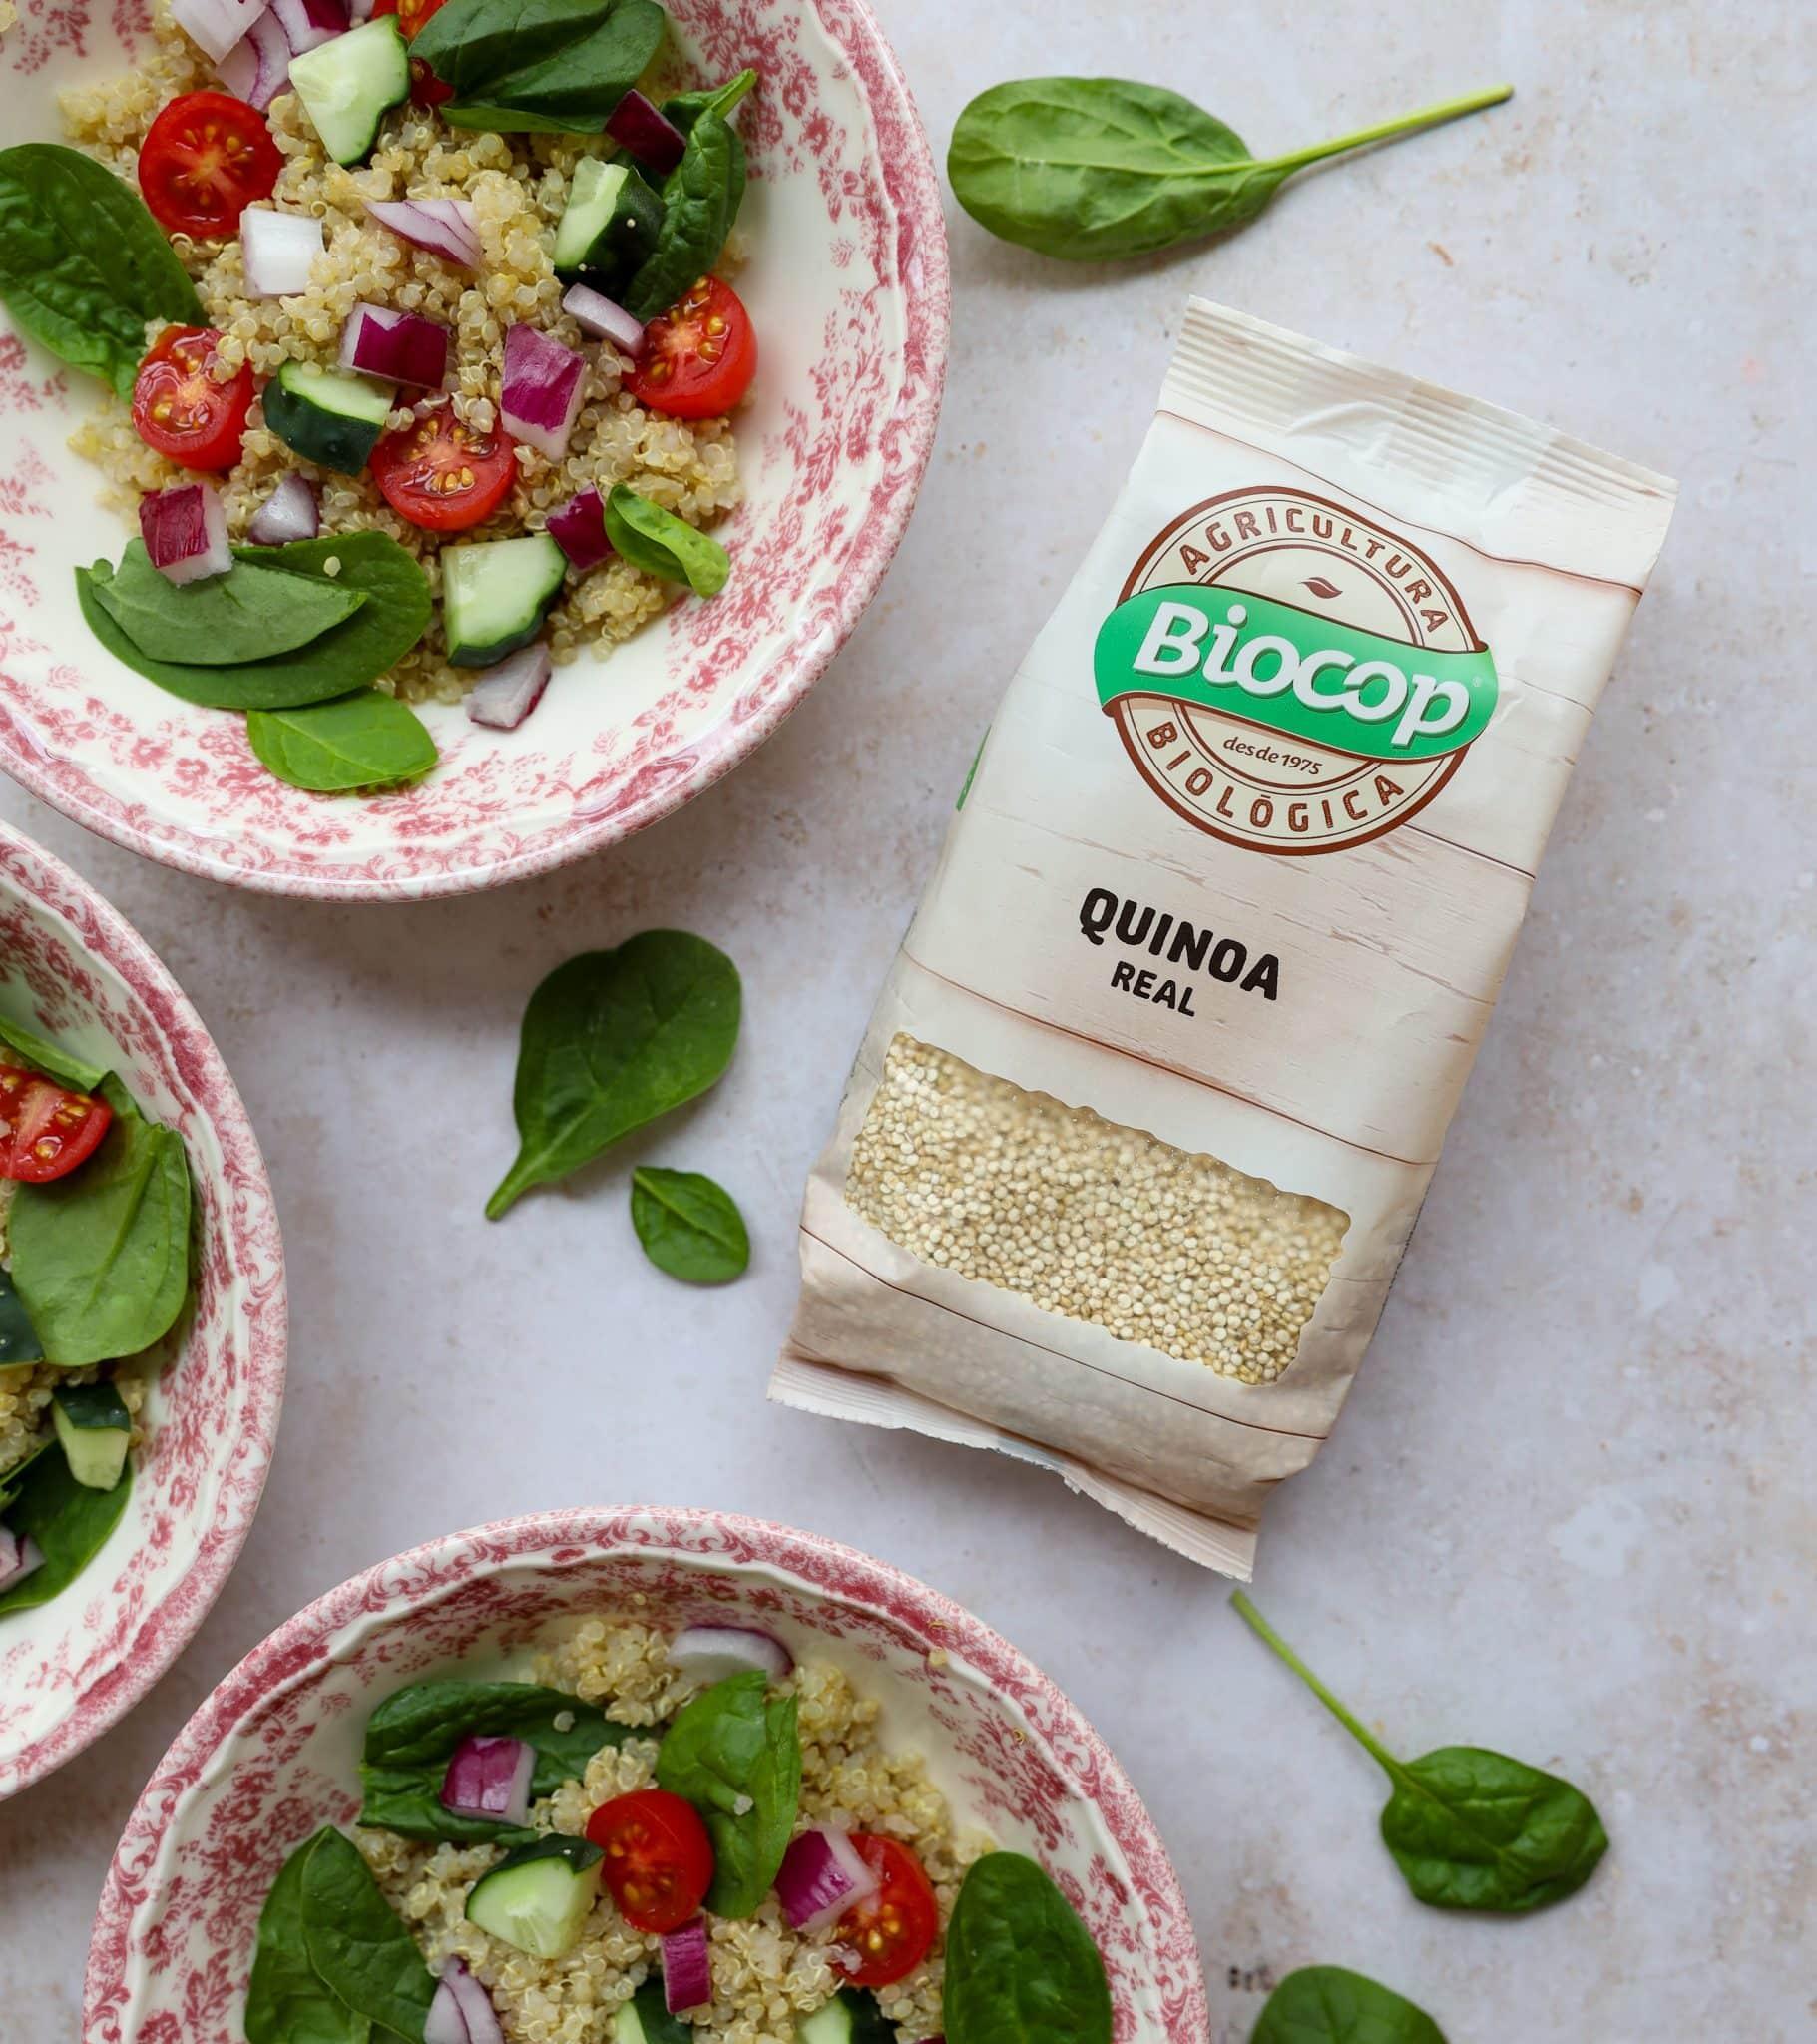 Quinoa real Biocop